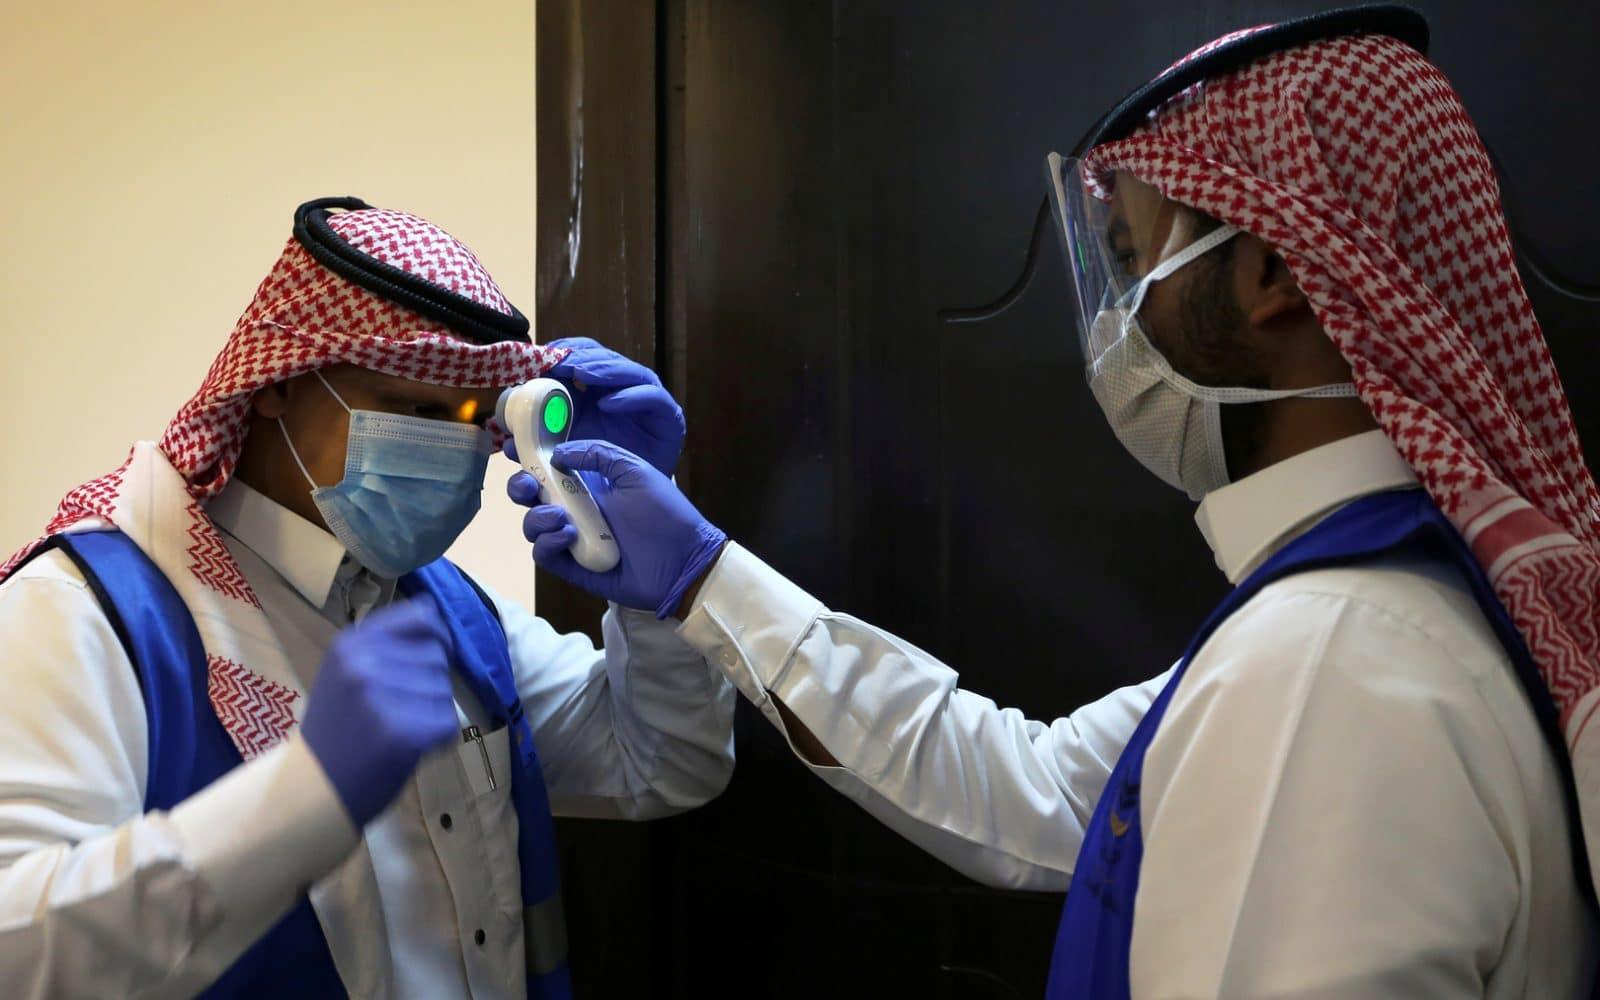 السعودية تسجل 49 حالة وفاة و3402 إصابة بفيروس كورونا